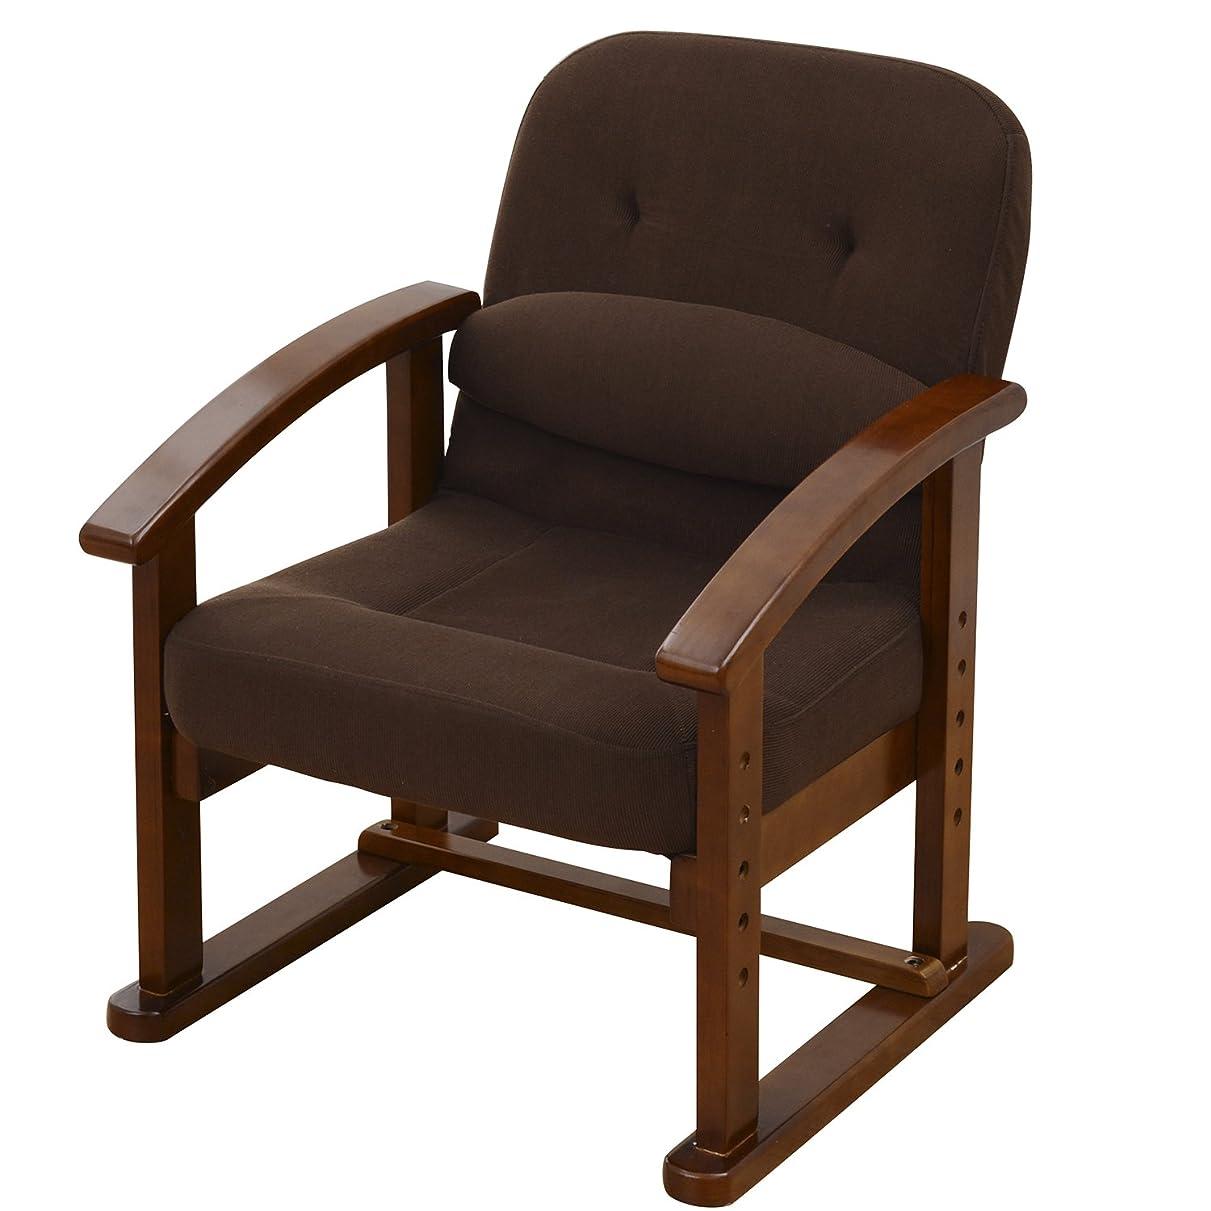 アシスタント民主主義音声山善 組立て要らず 立ち上がり楽々高座椅子 防幕付 腰あて付 モカブラウン KMZC-55(MBR)BB